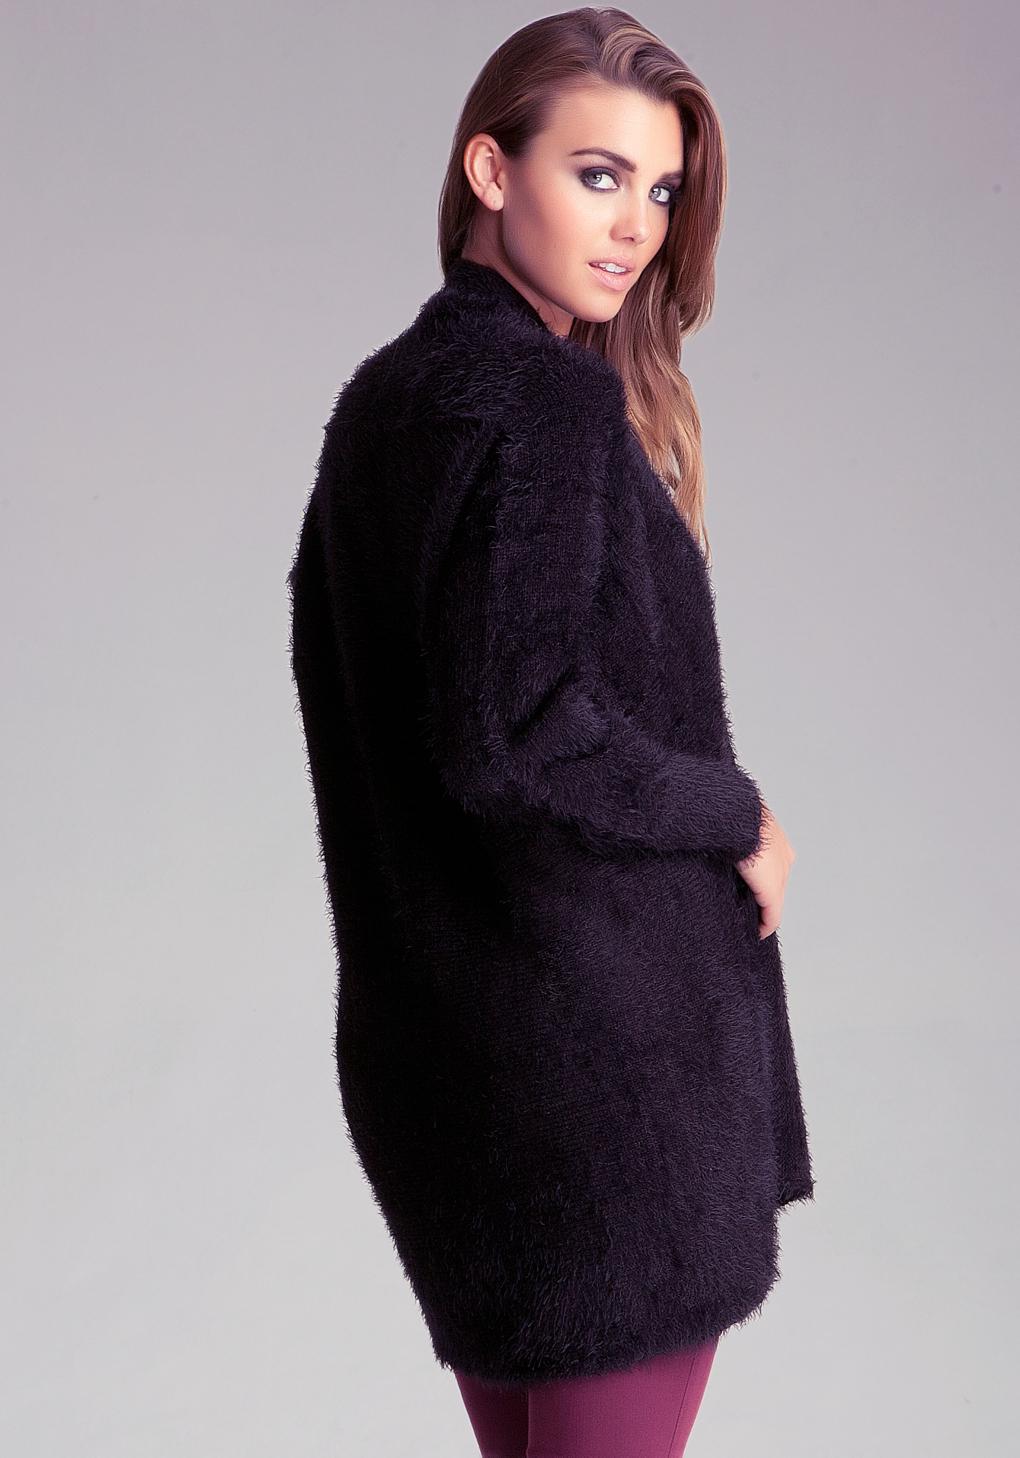 Bebe Fuzzy Sweater Cardigan in Black | Lyst